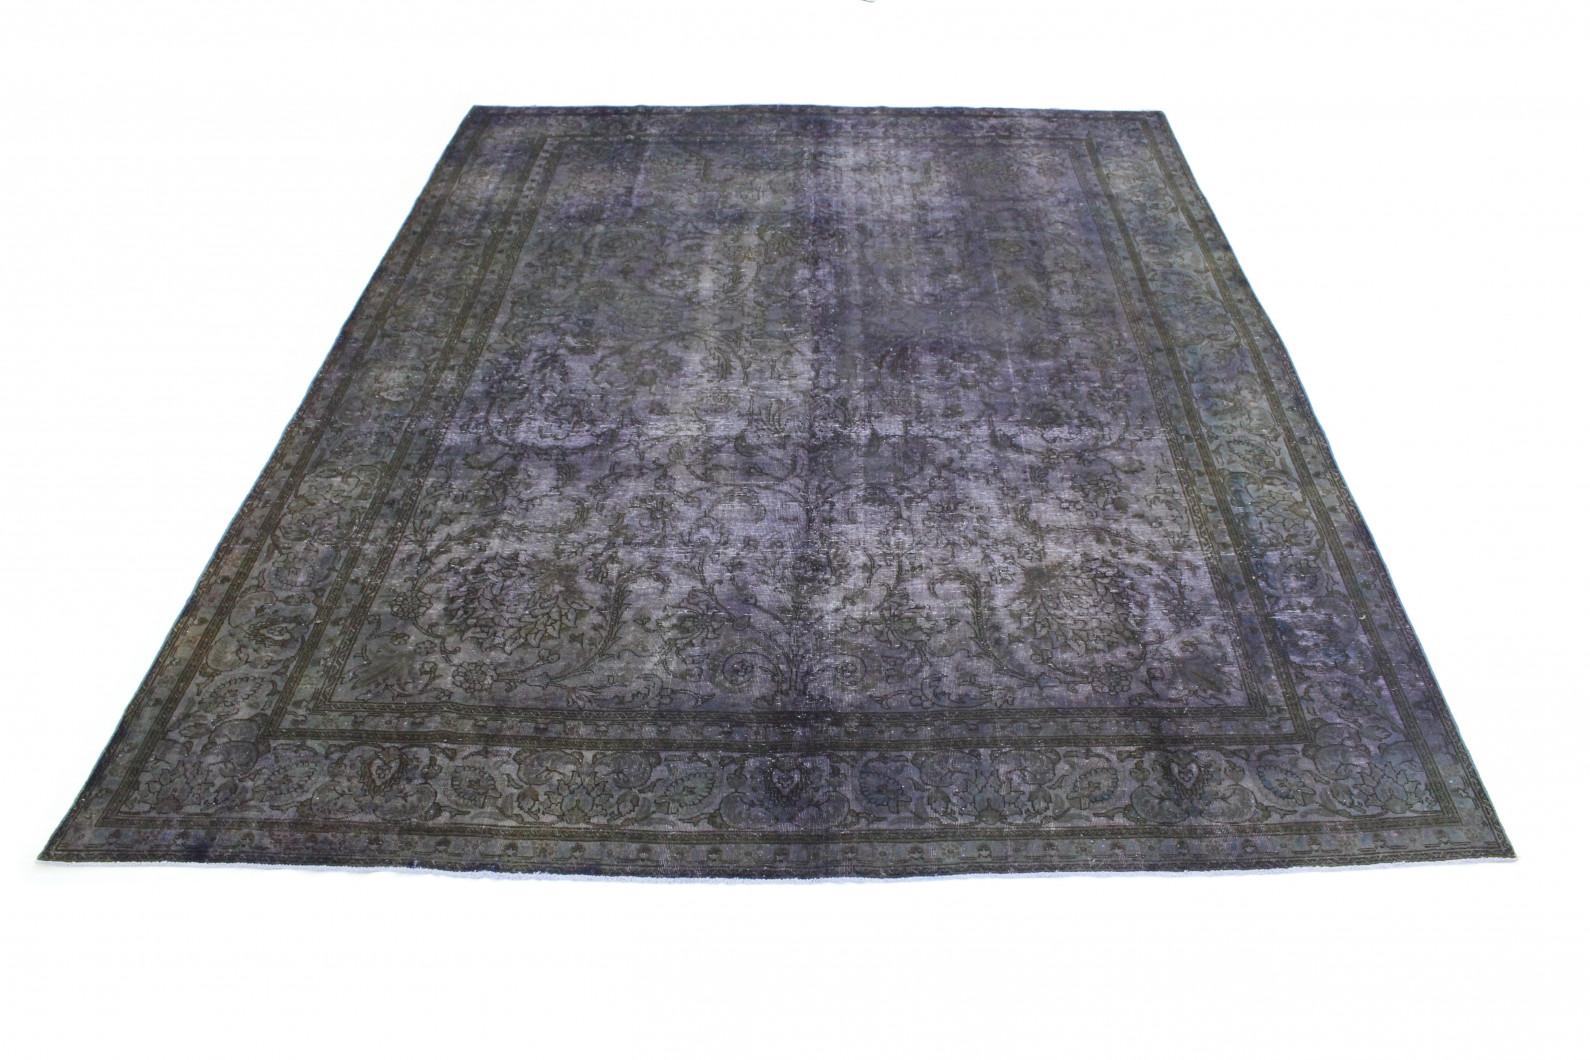 Vintage Teppich Lila Schlamm in 460x350cm (1 / 5)